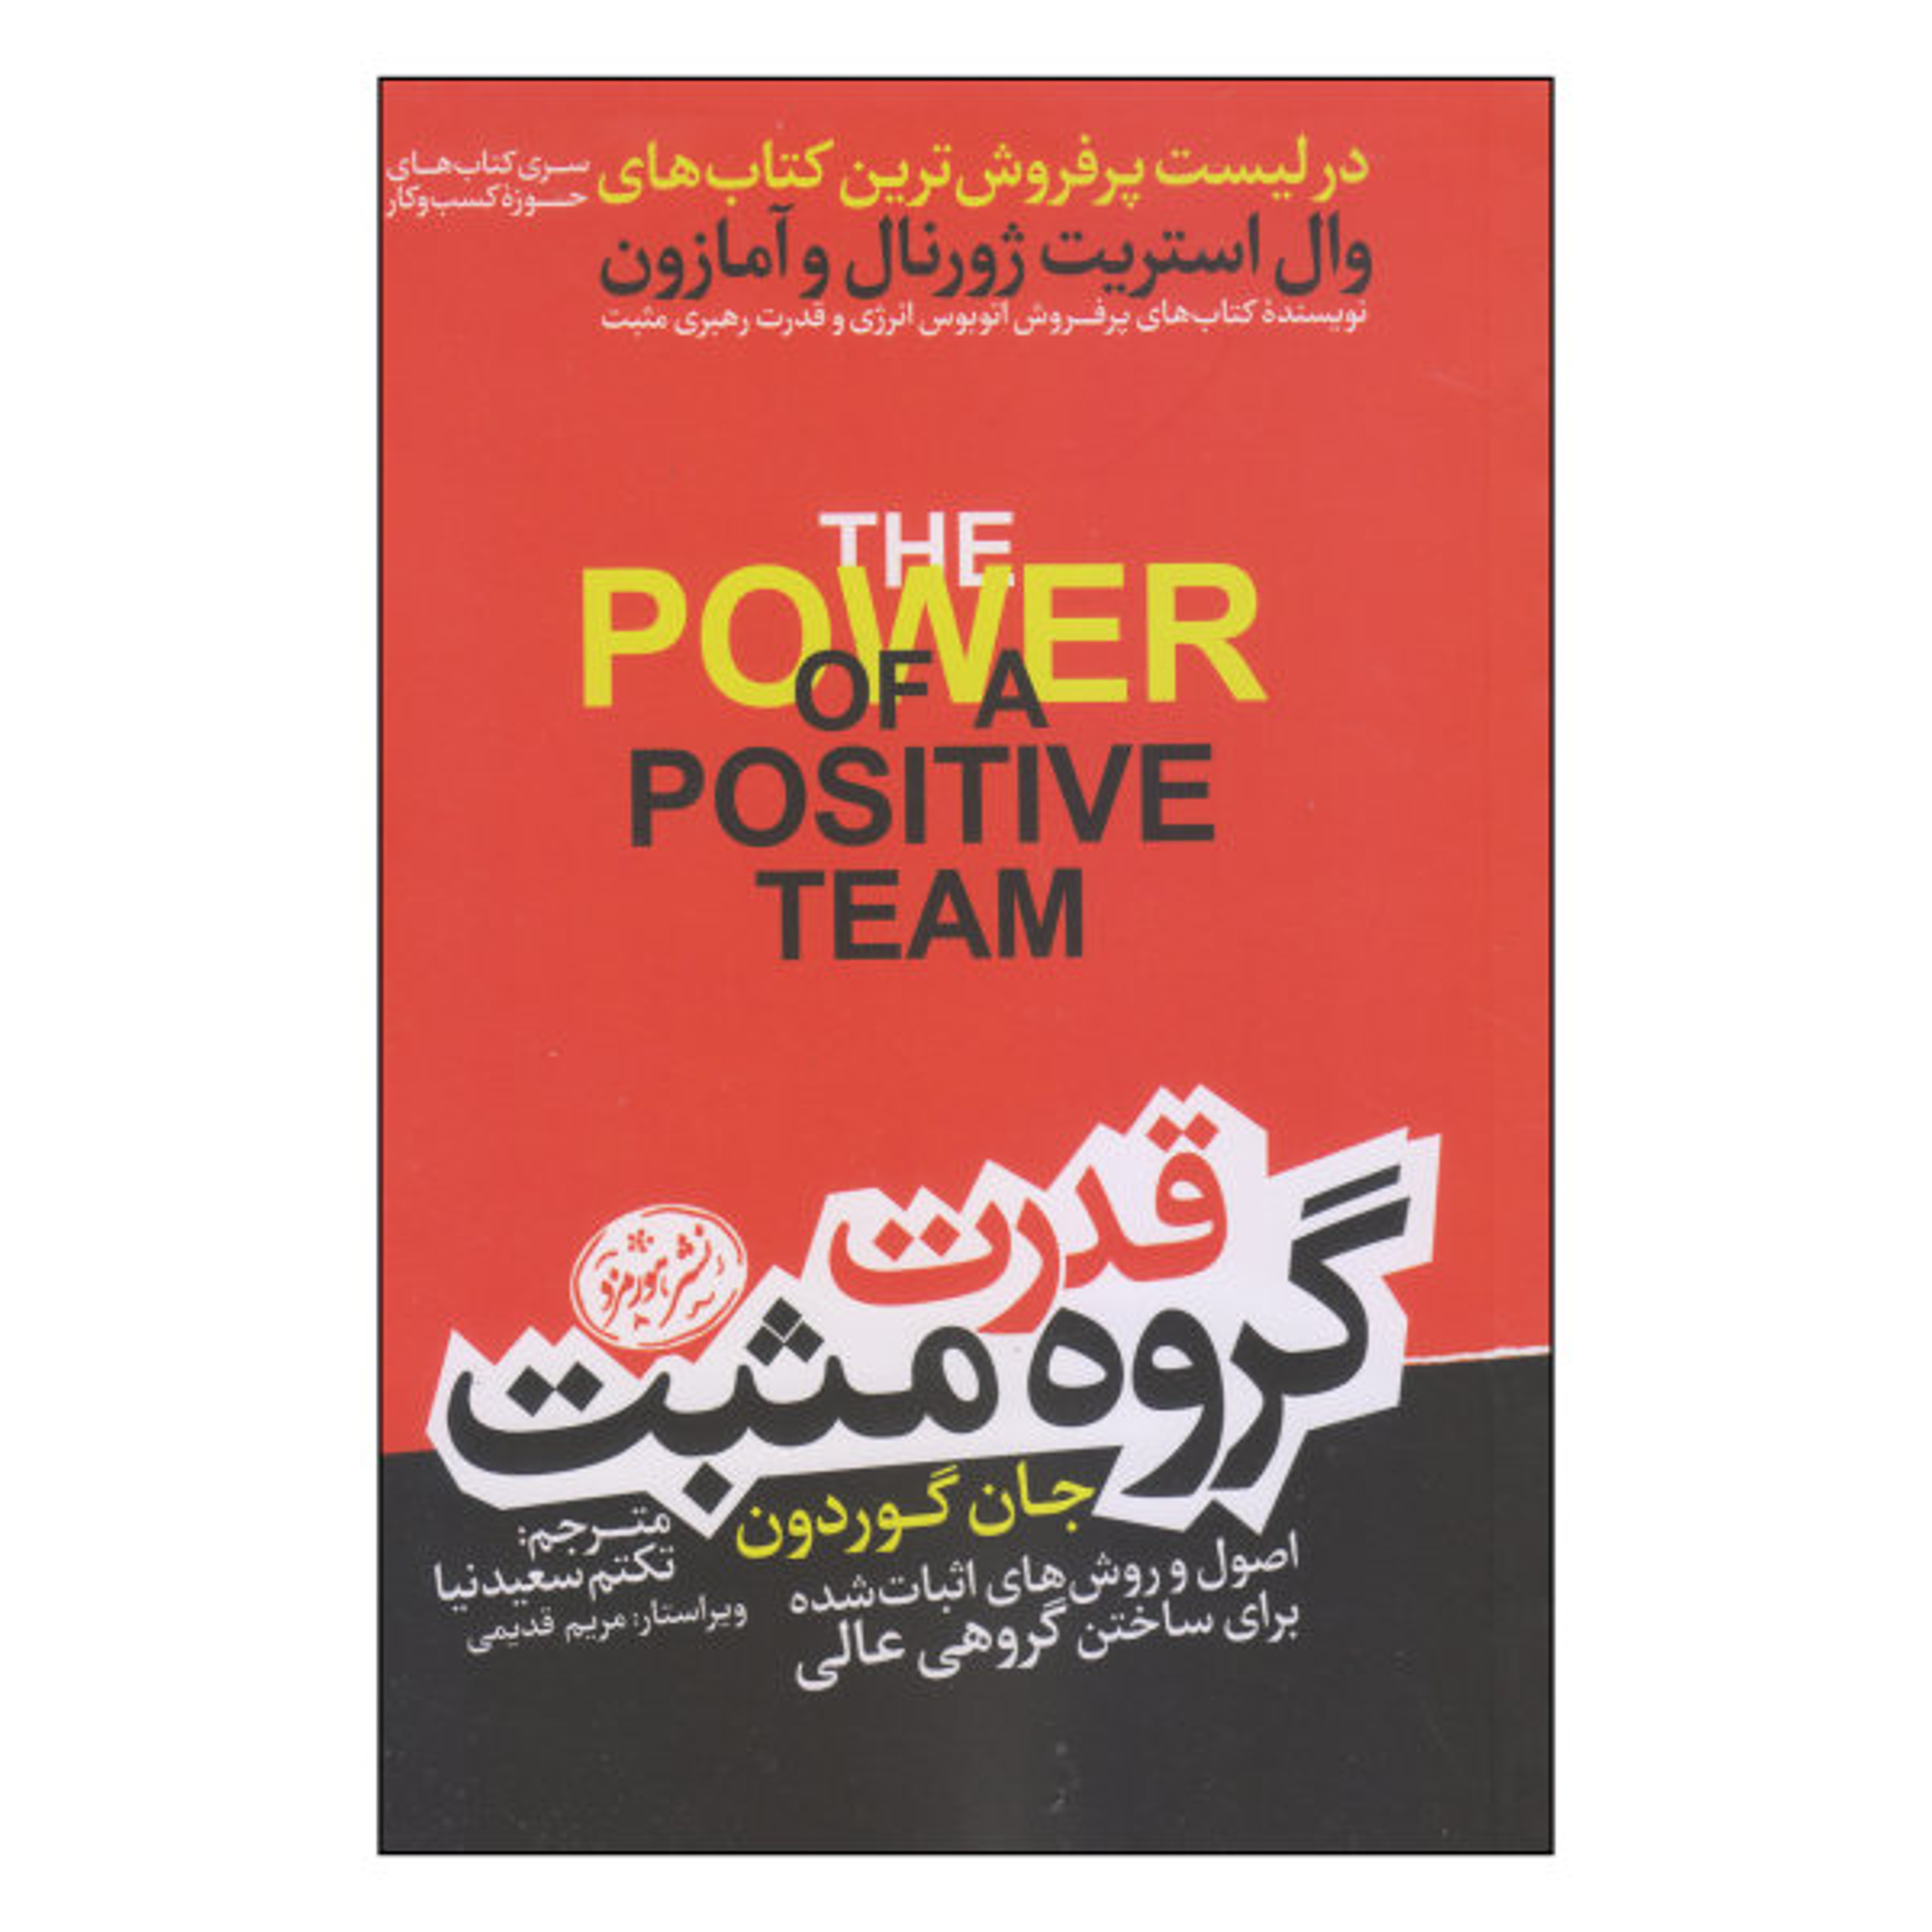 کتاب قدرت گروه مثبت اثر جان گوردون نشر هورمزد